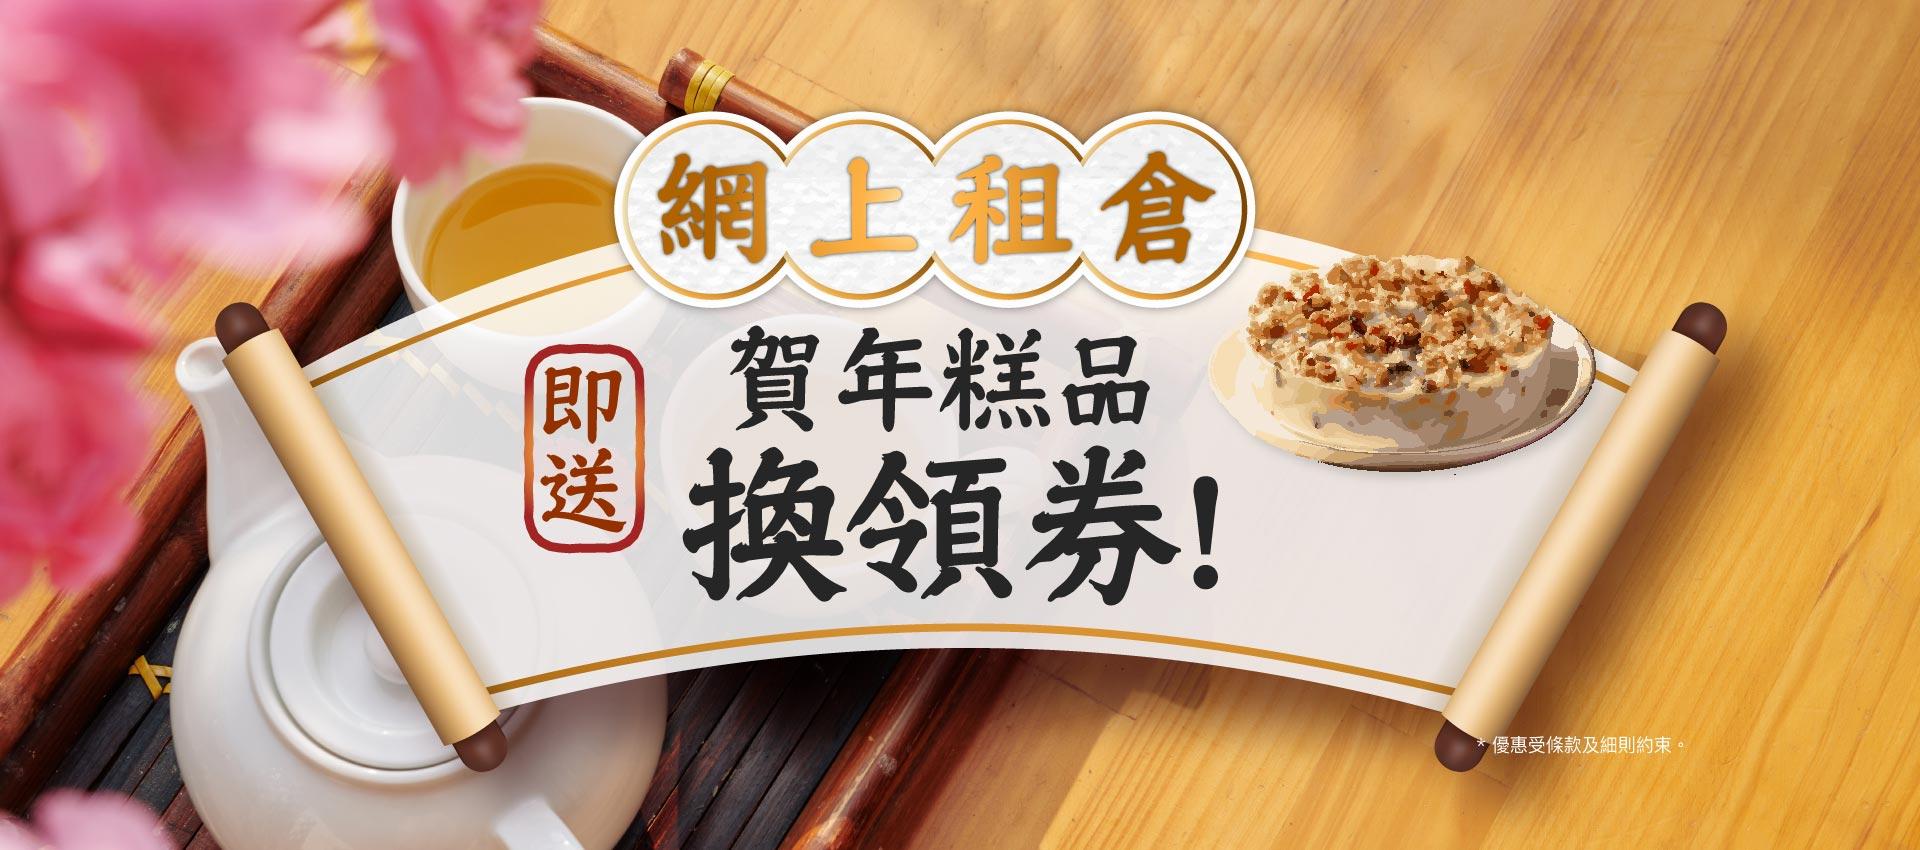 網上租用任何迷你倉,即送賀年糕品換領券乙張!